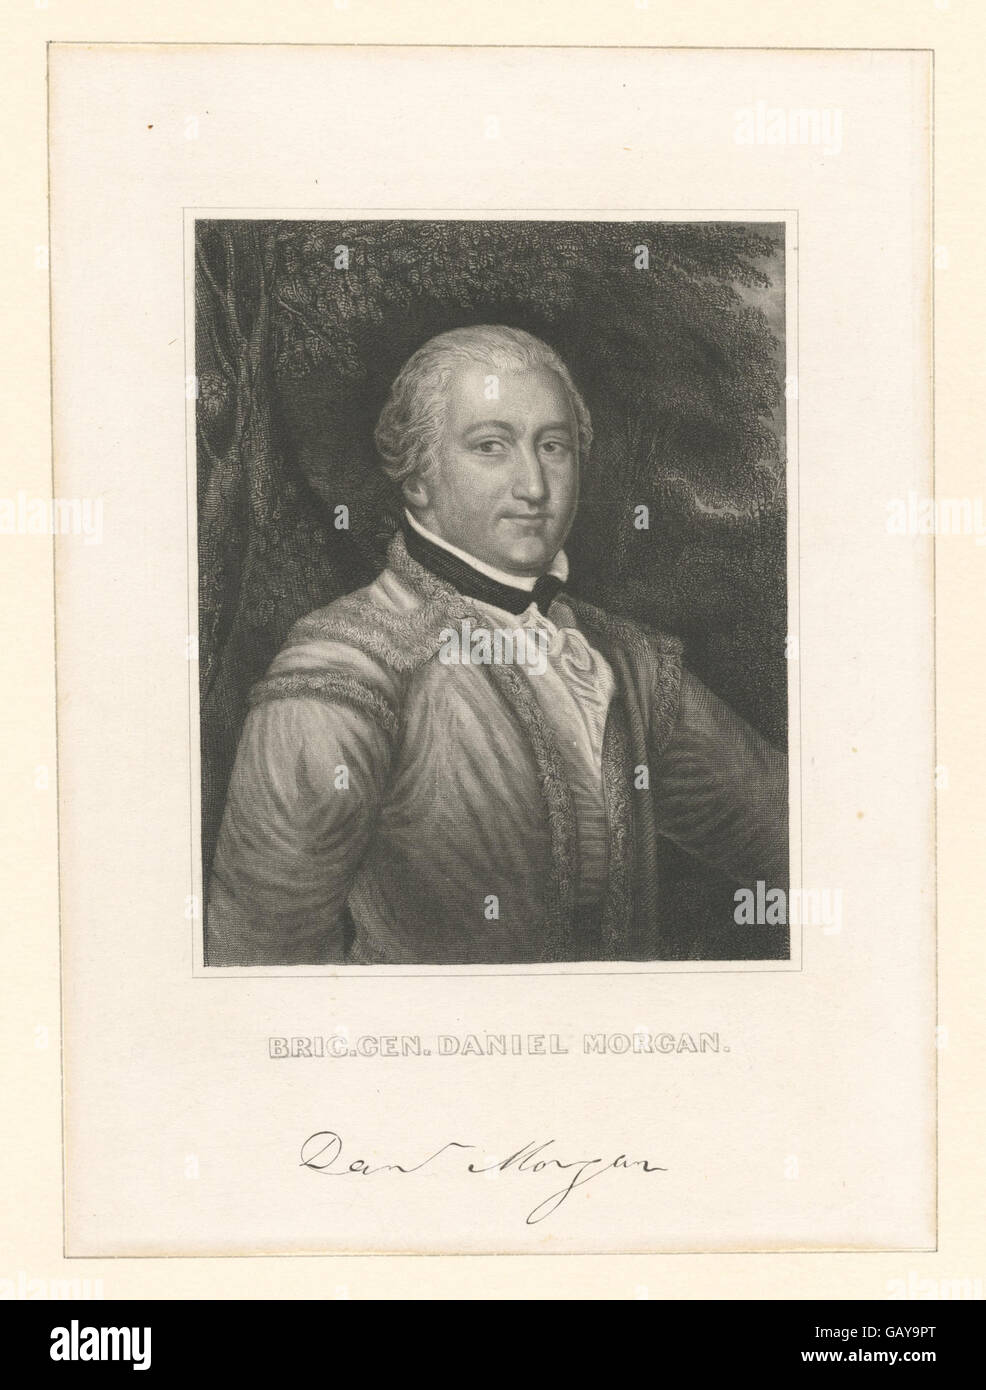 brigadier general daniel morgan